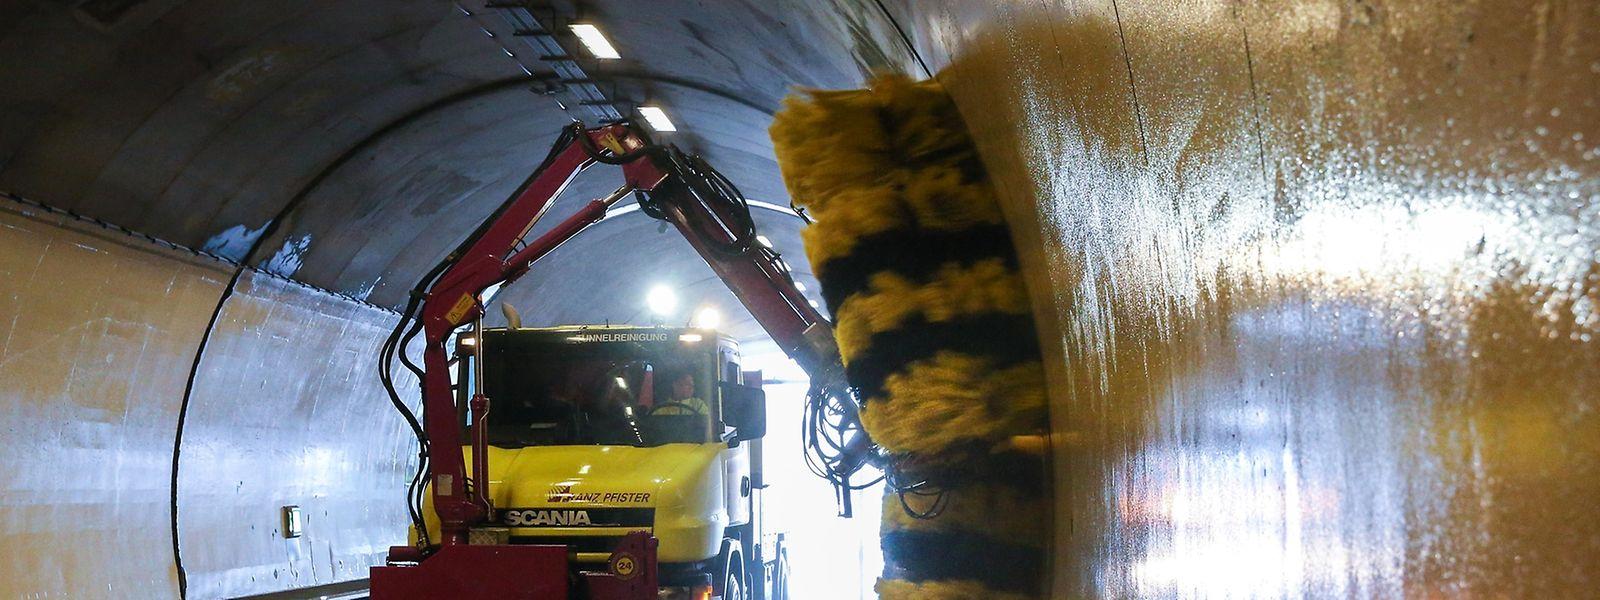 Die Tunnel-Putzmaschine kommt extra aus der Schweiz angefahren.